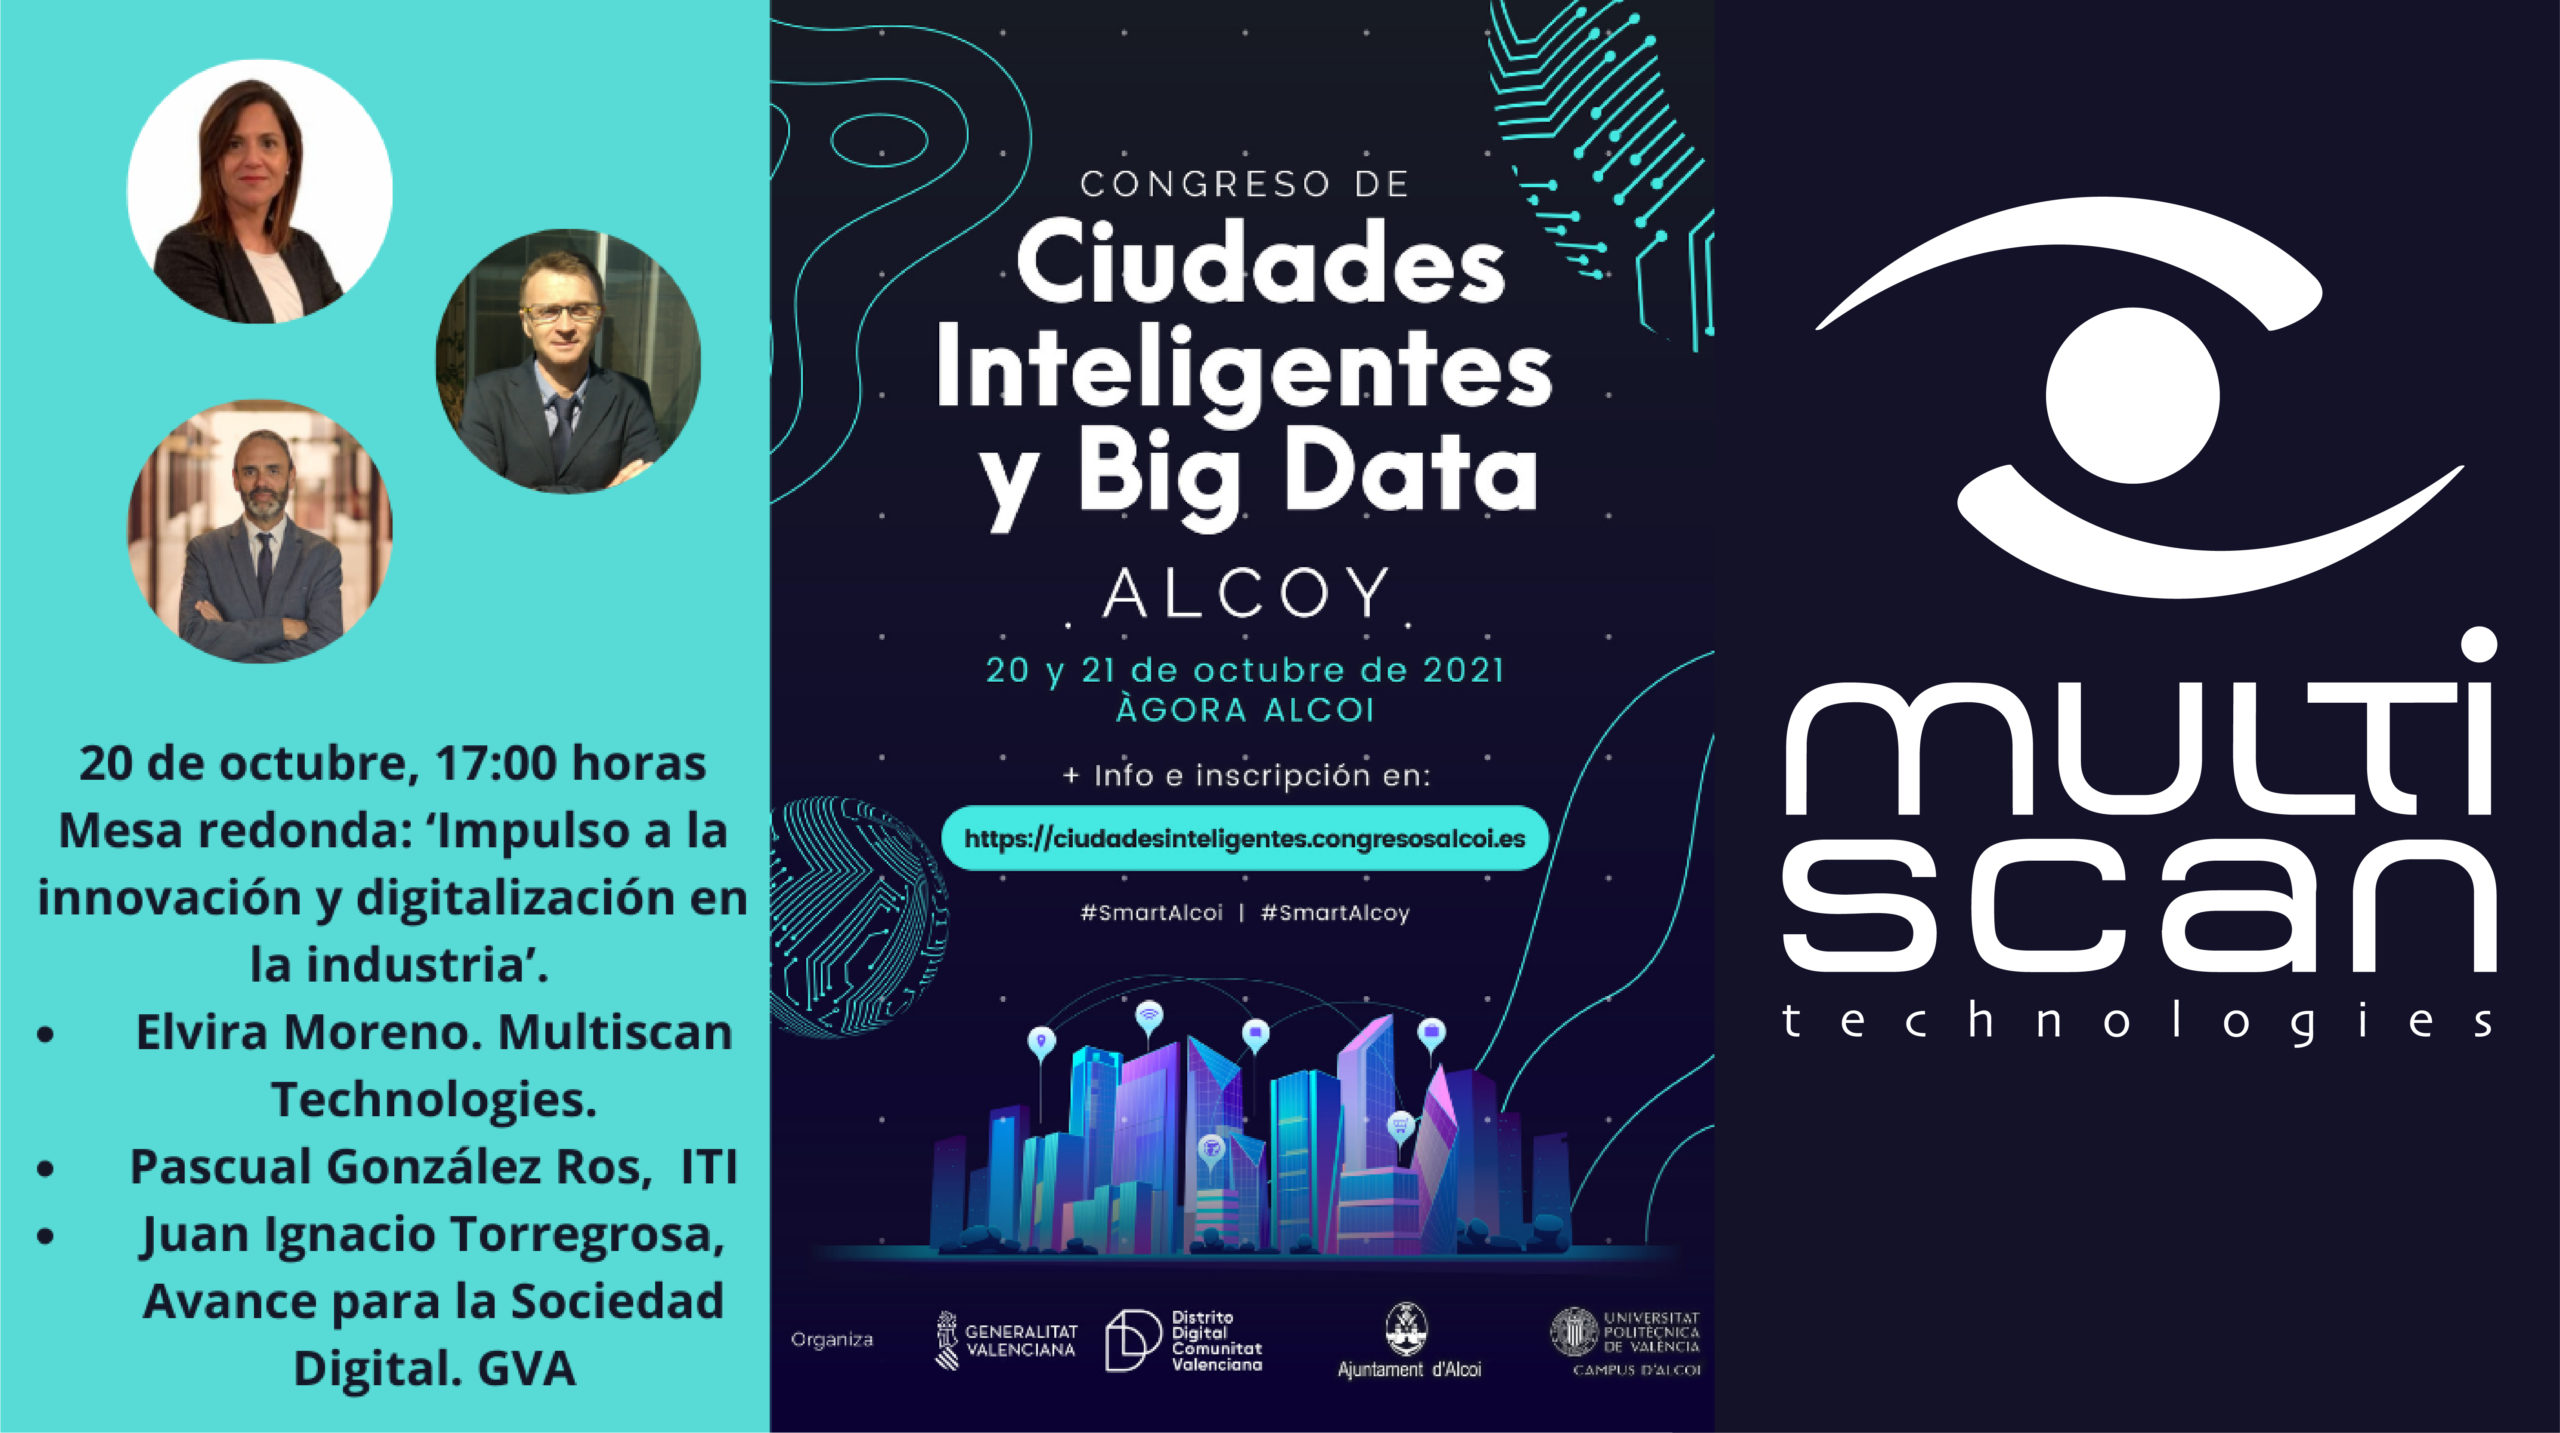 Multiscan participa en el Congreso Ciudades Inteligentes y Big Data